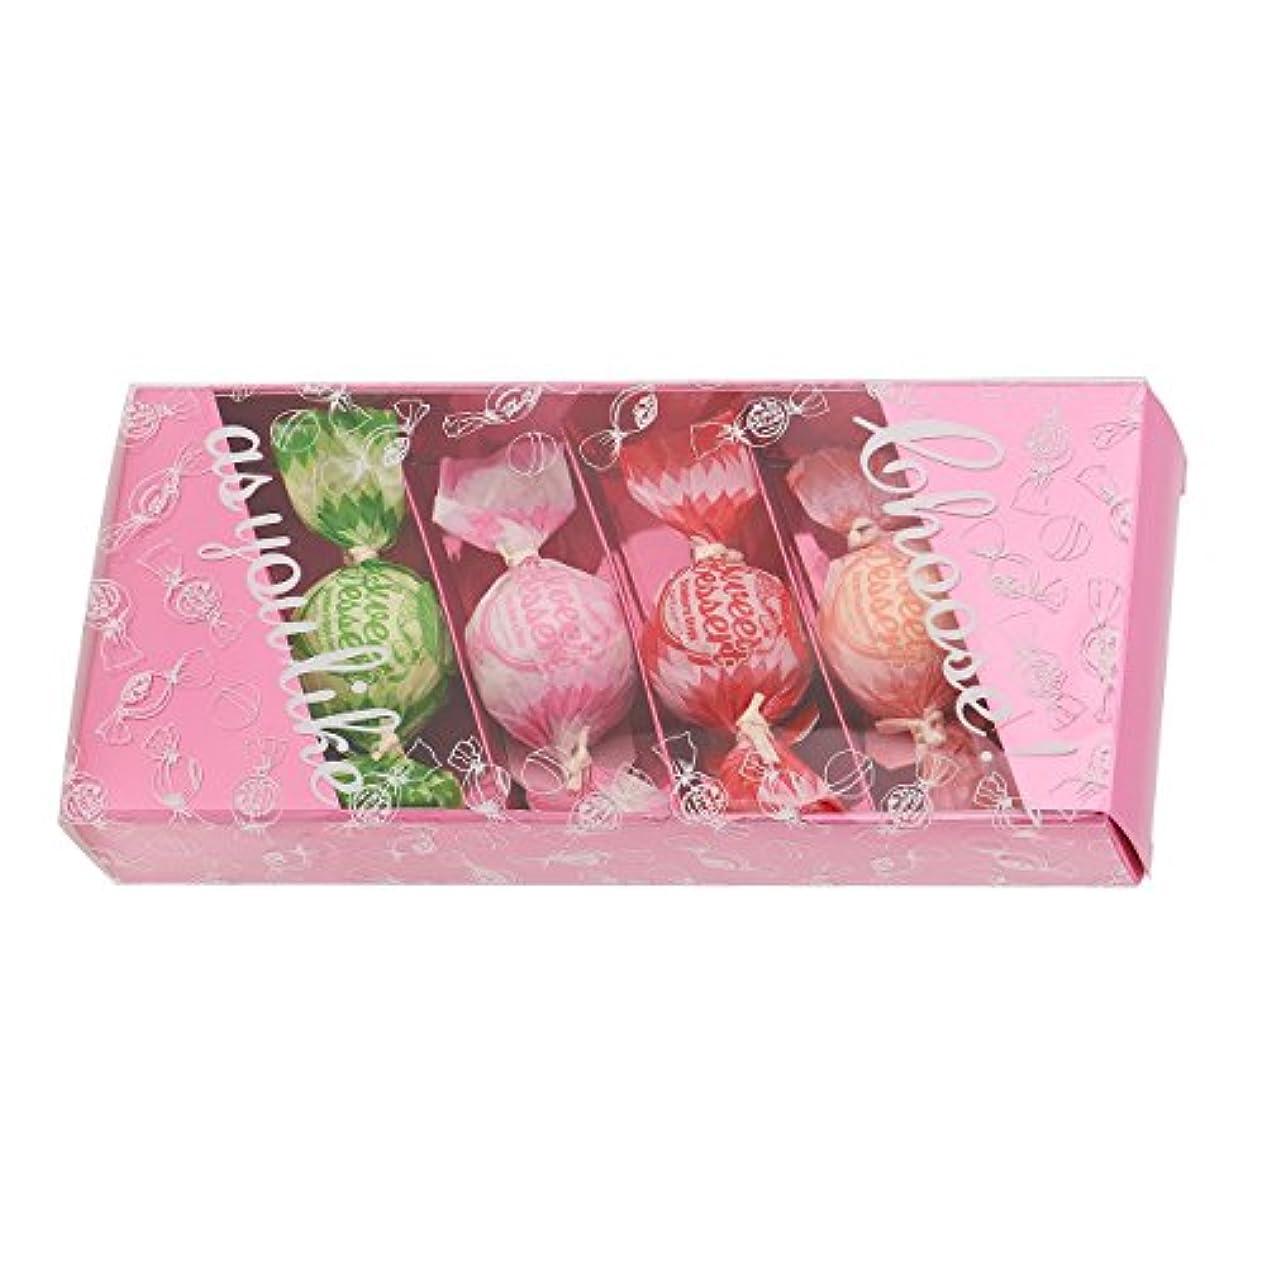 広範囲に平和な所持アマイワナ バスキャンディー4粒ギフトセット(35g×4個) ピンク(発泡タイプ入浴料 バスギフト)